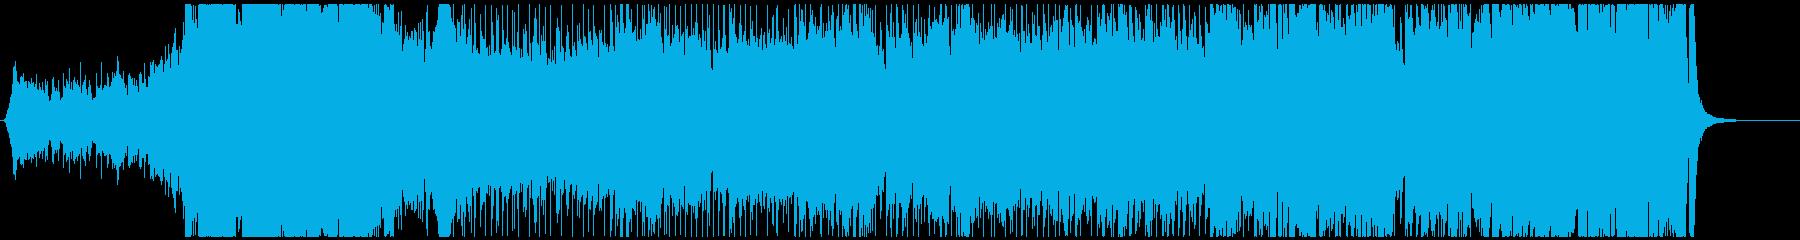 目覚める力、立ち上がる場面のBGMの再生済みの波形